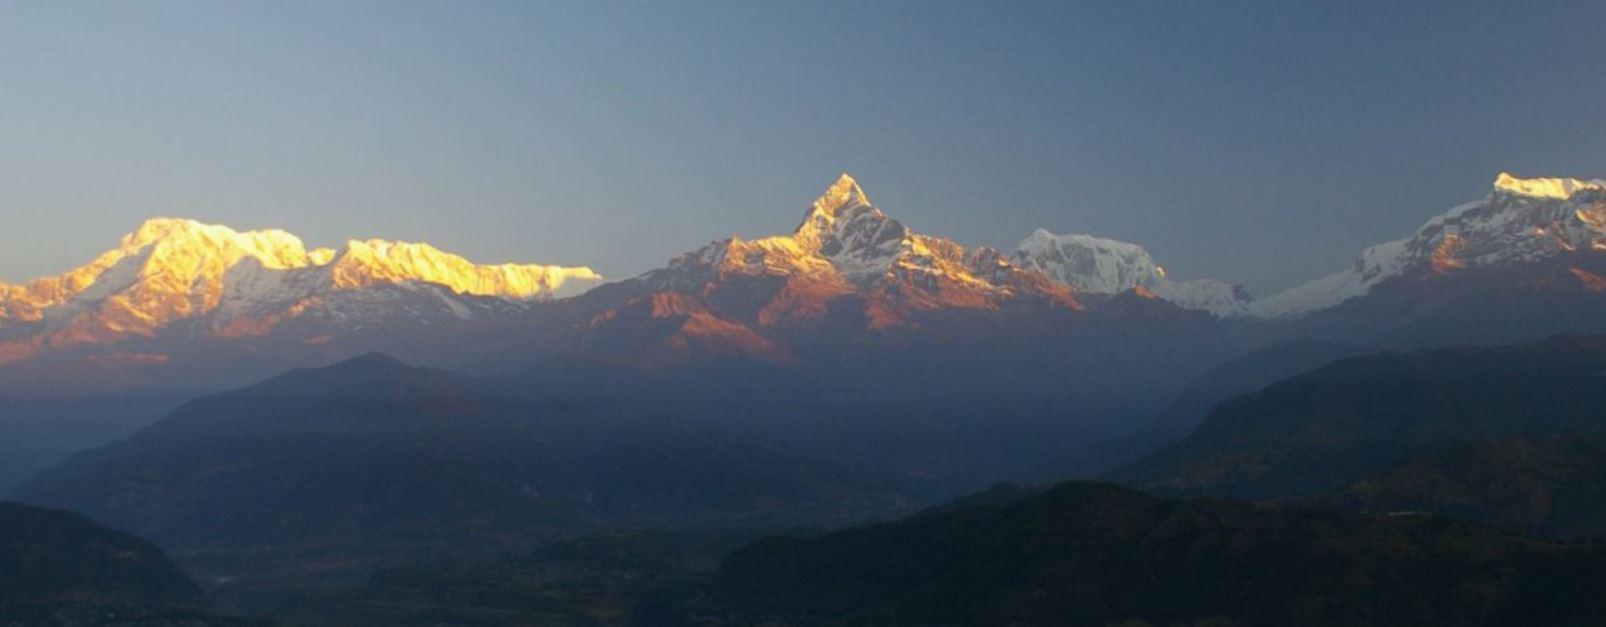 11 days Nepal, Bhutan Highlight Tour